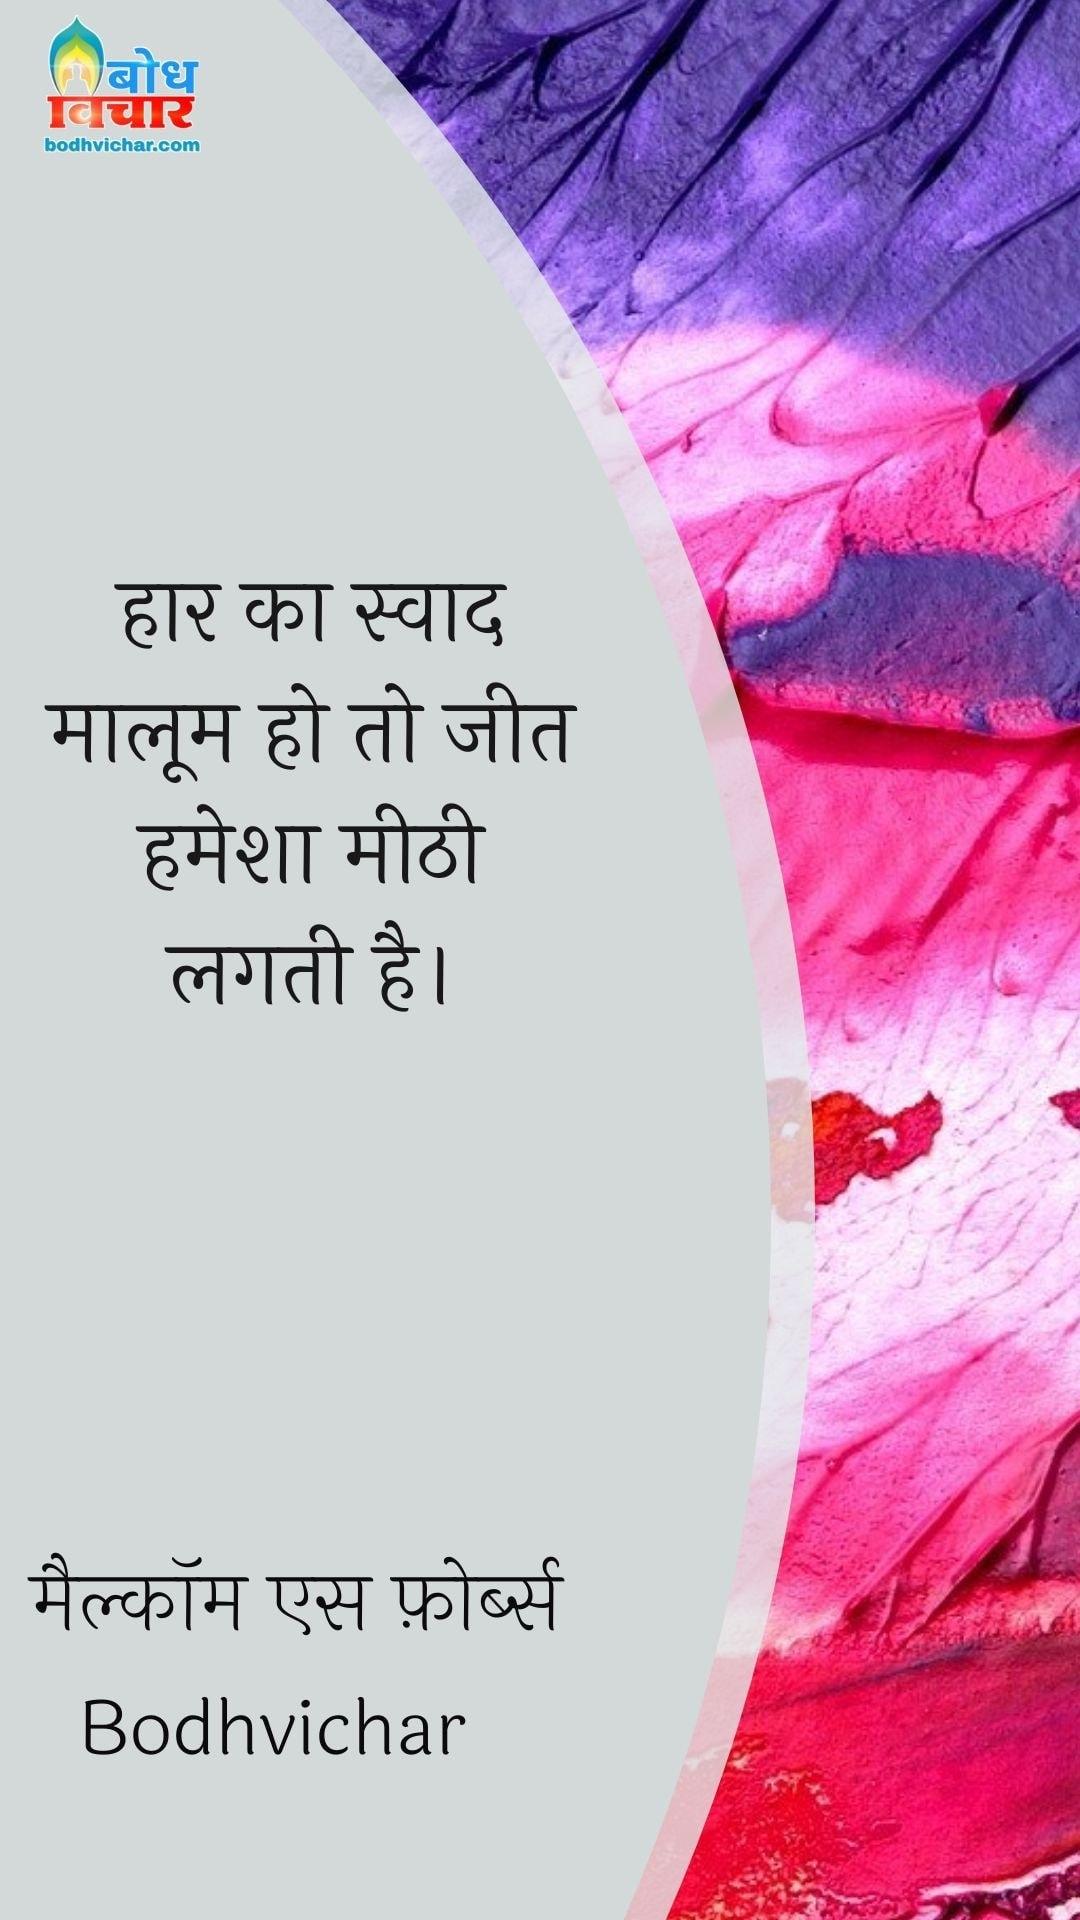 हार का स्वाद मालूम हो तो जीत हमेशा मीठी लगती है। : Haarka swaad maloom ho to jeet hamehsa meethi lagti hai. - मैल्कॉम एस फ़ोर्ब्स